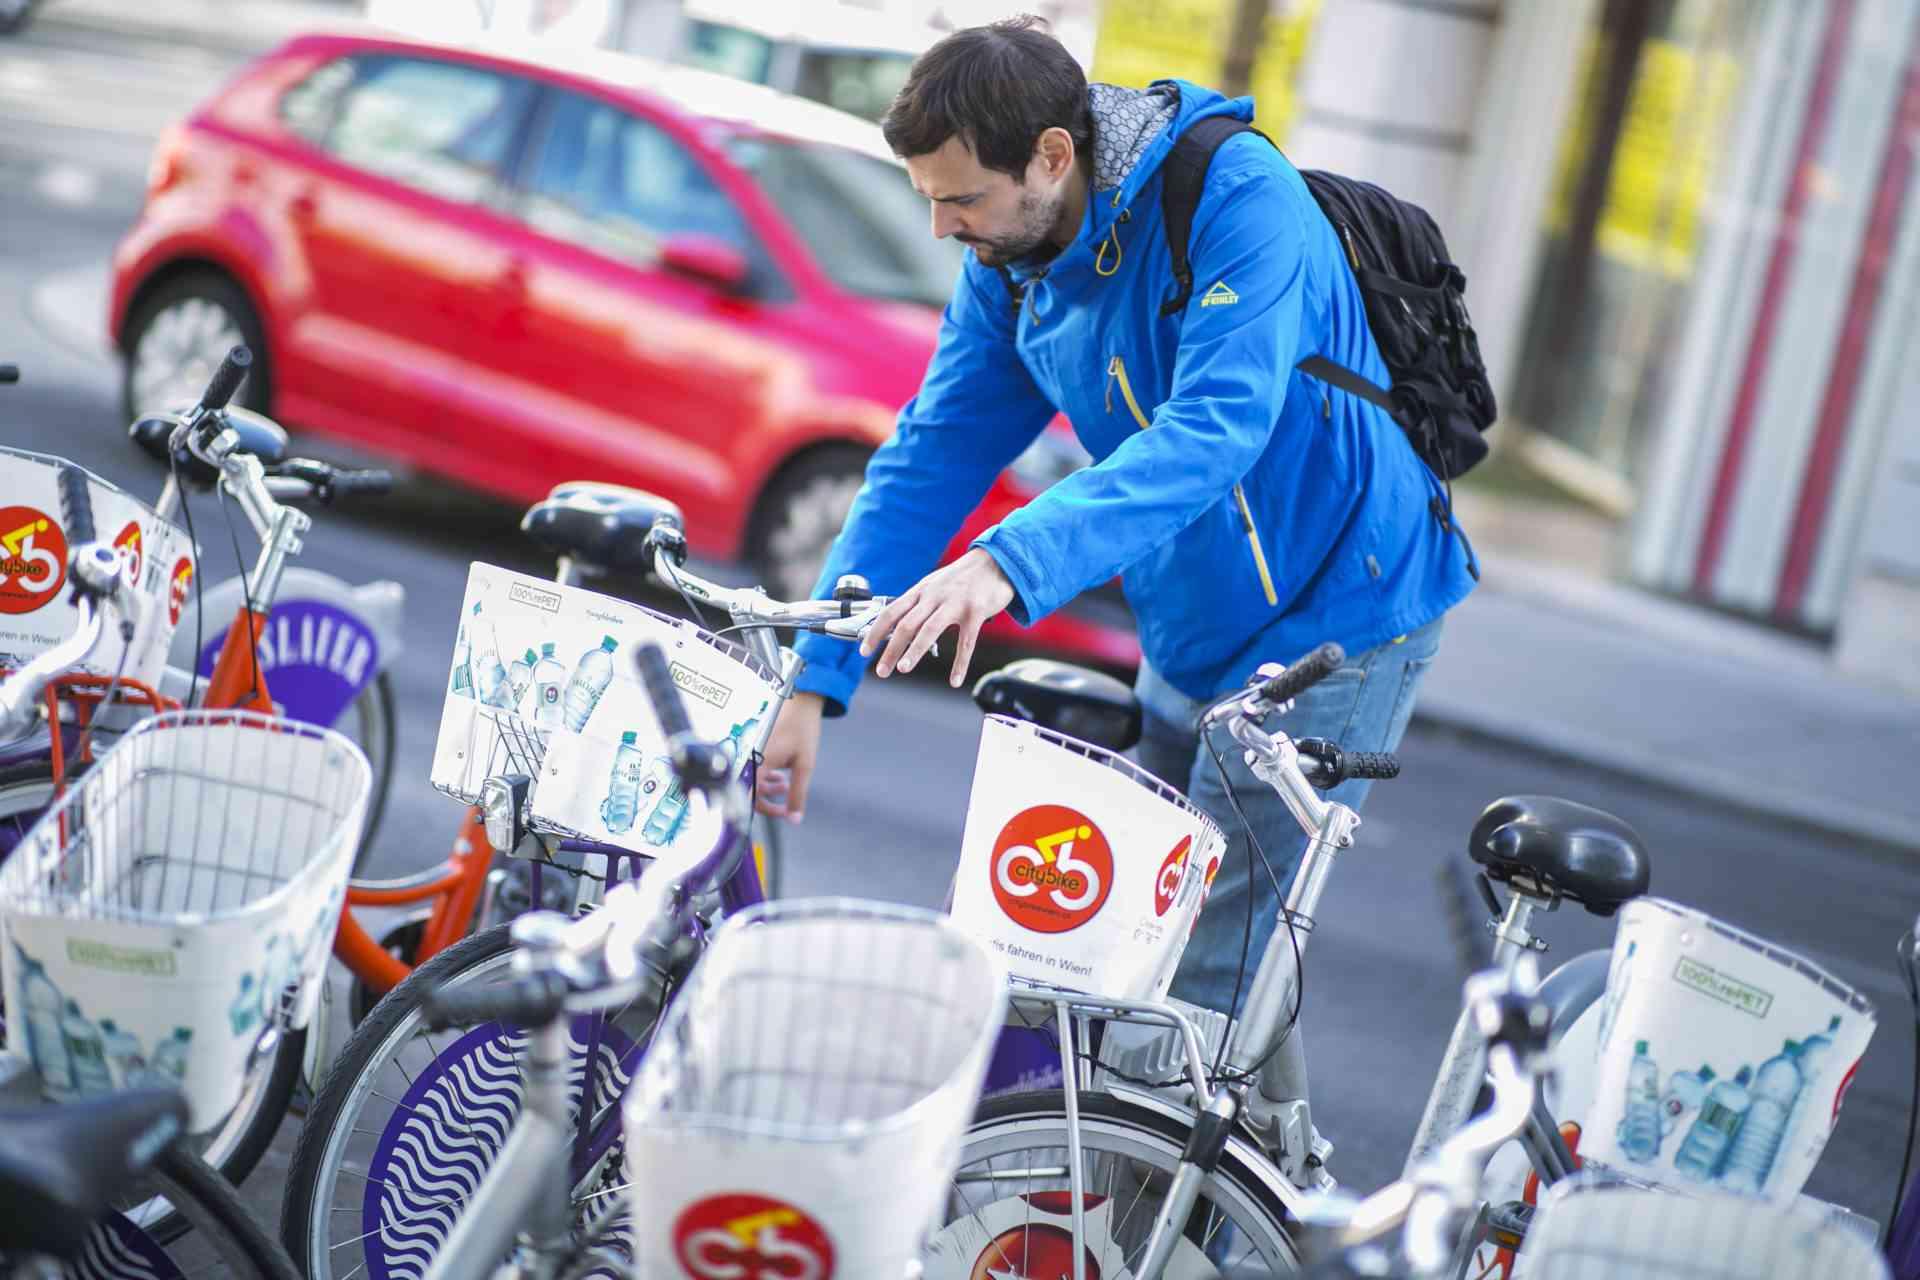 Bei den WienMobil-Stationen können Citybikes unkompliziert entlehnt werden.